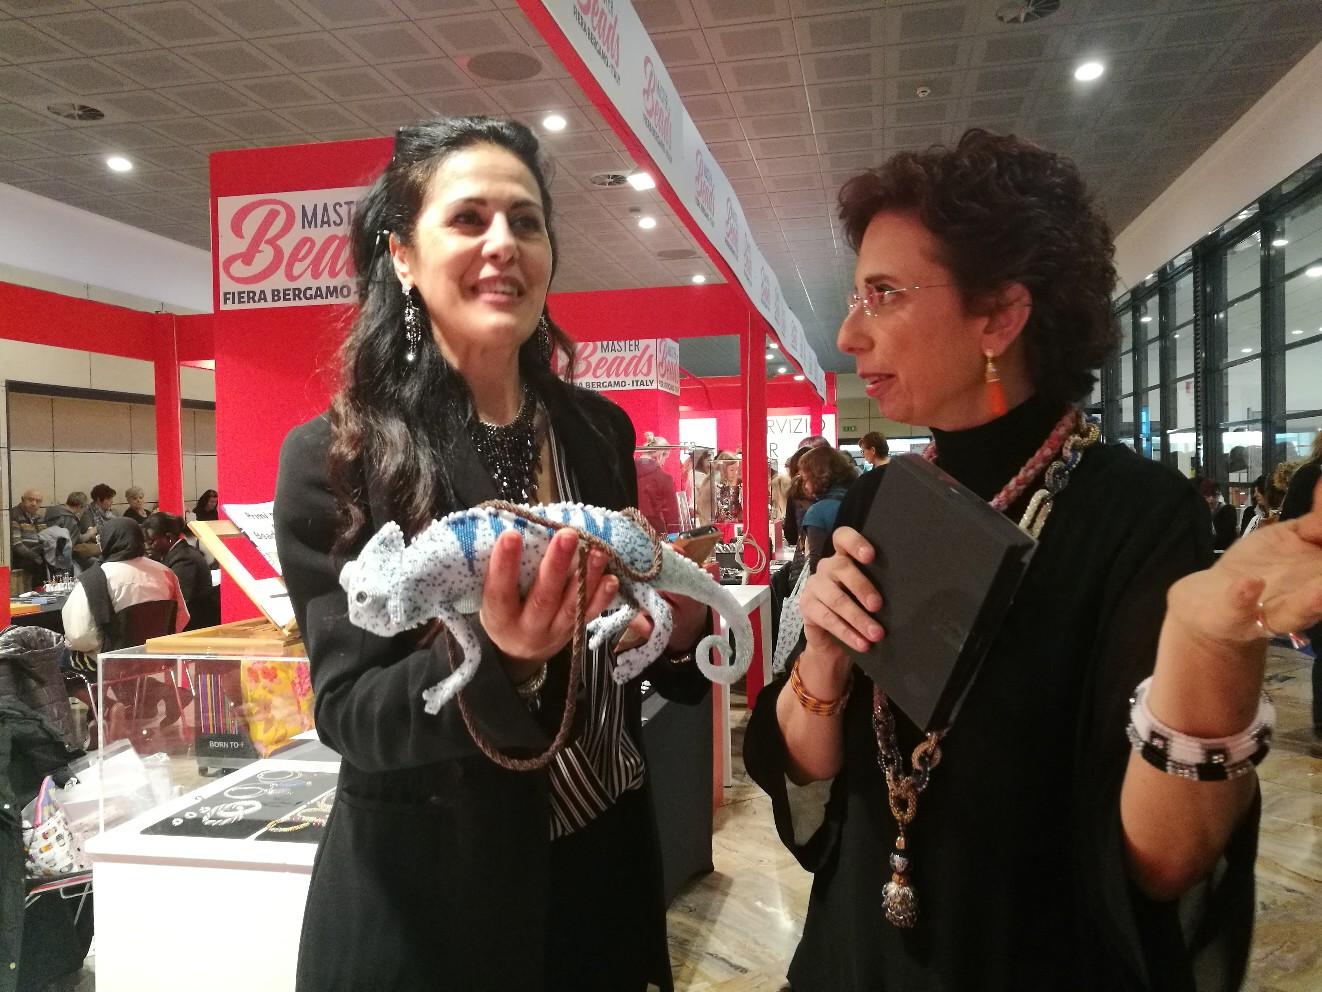 Выставки: Выставка Creattiva, Master Beads. Италия, Бергамо.